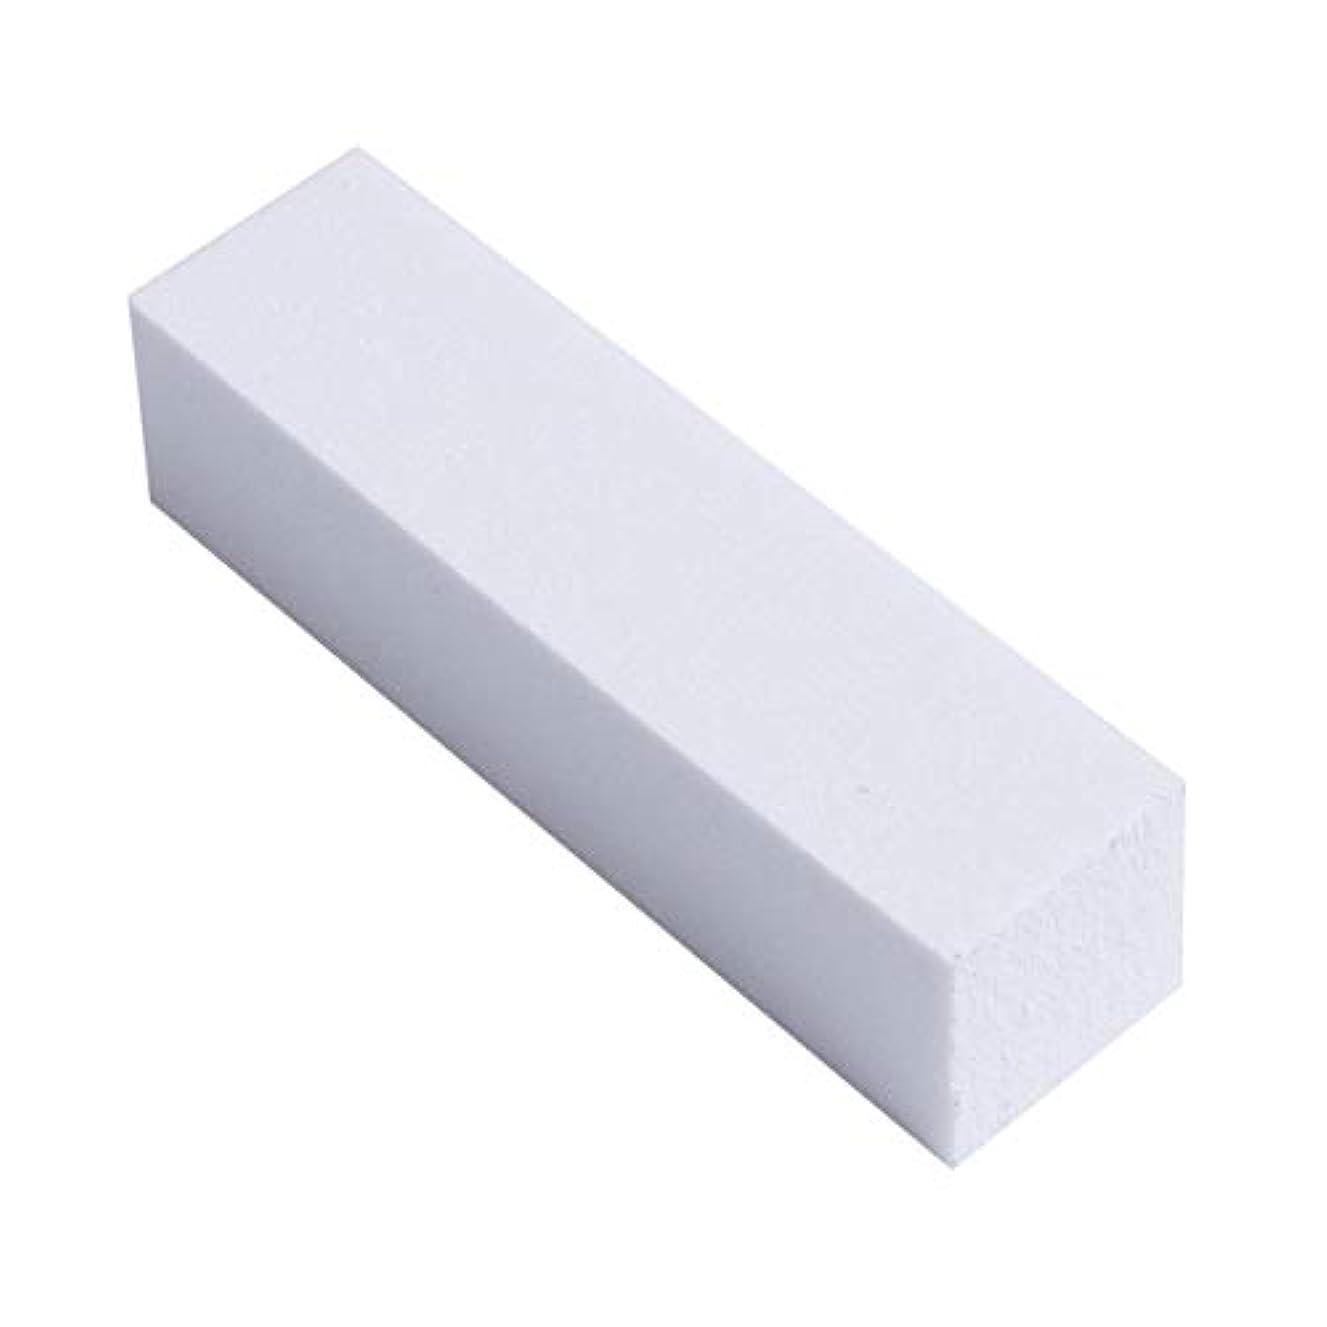 爪やすり 爪磨き ネイルケア ネイルファイル ネイルシャイナ スポンジ つめみがき バッファー 4面タイプ 光沢出し 10本セット